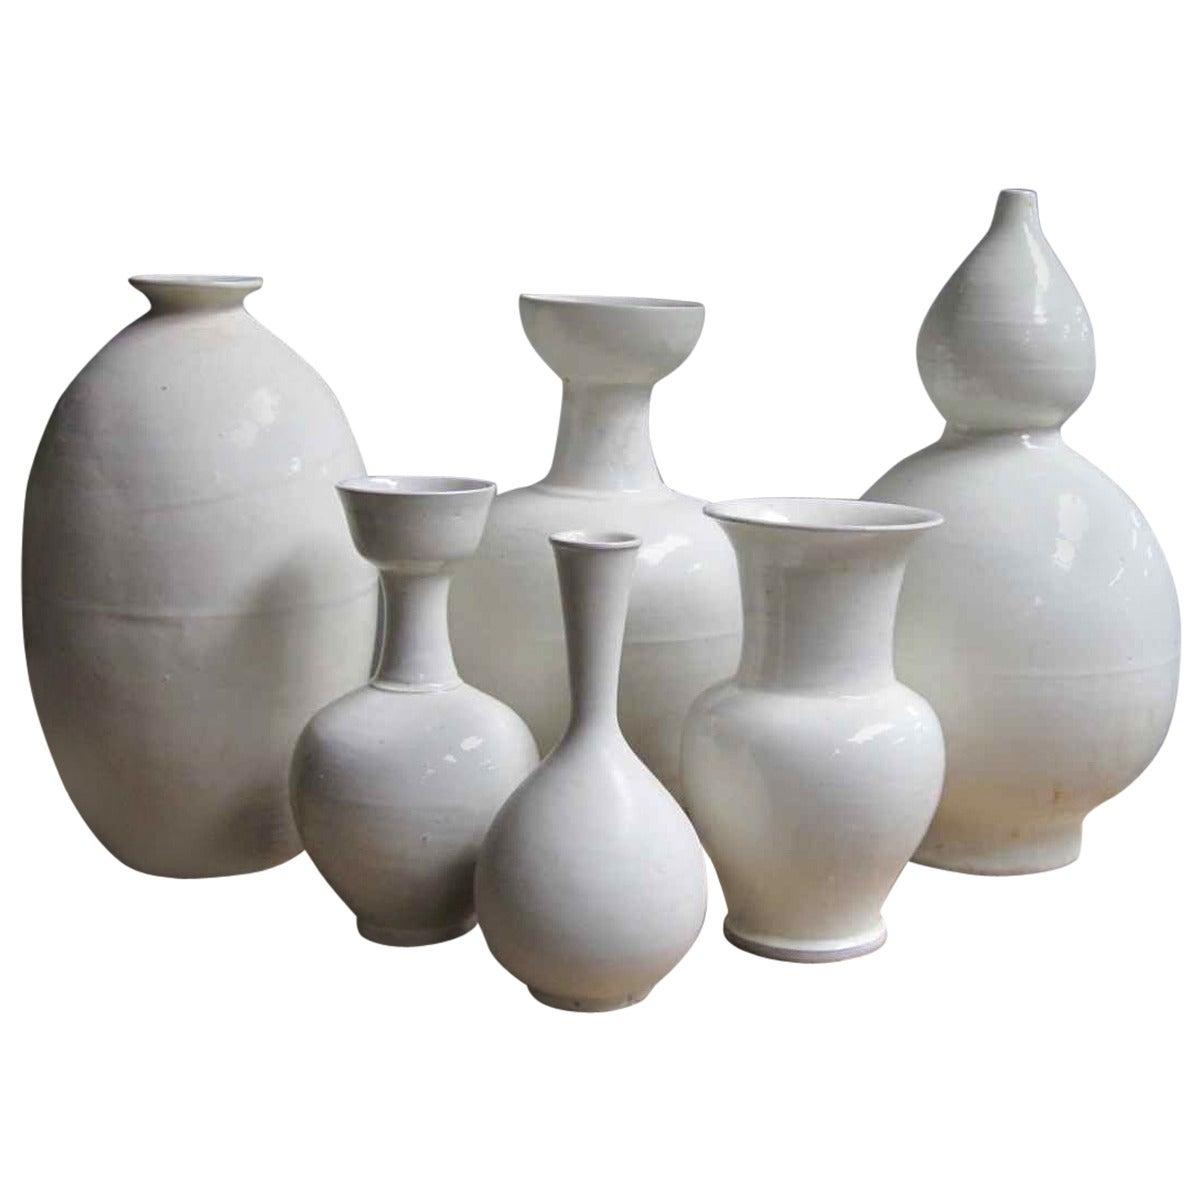 Sculptural Cream Terra Cotta Vases, Contemporary For Sale